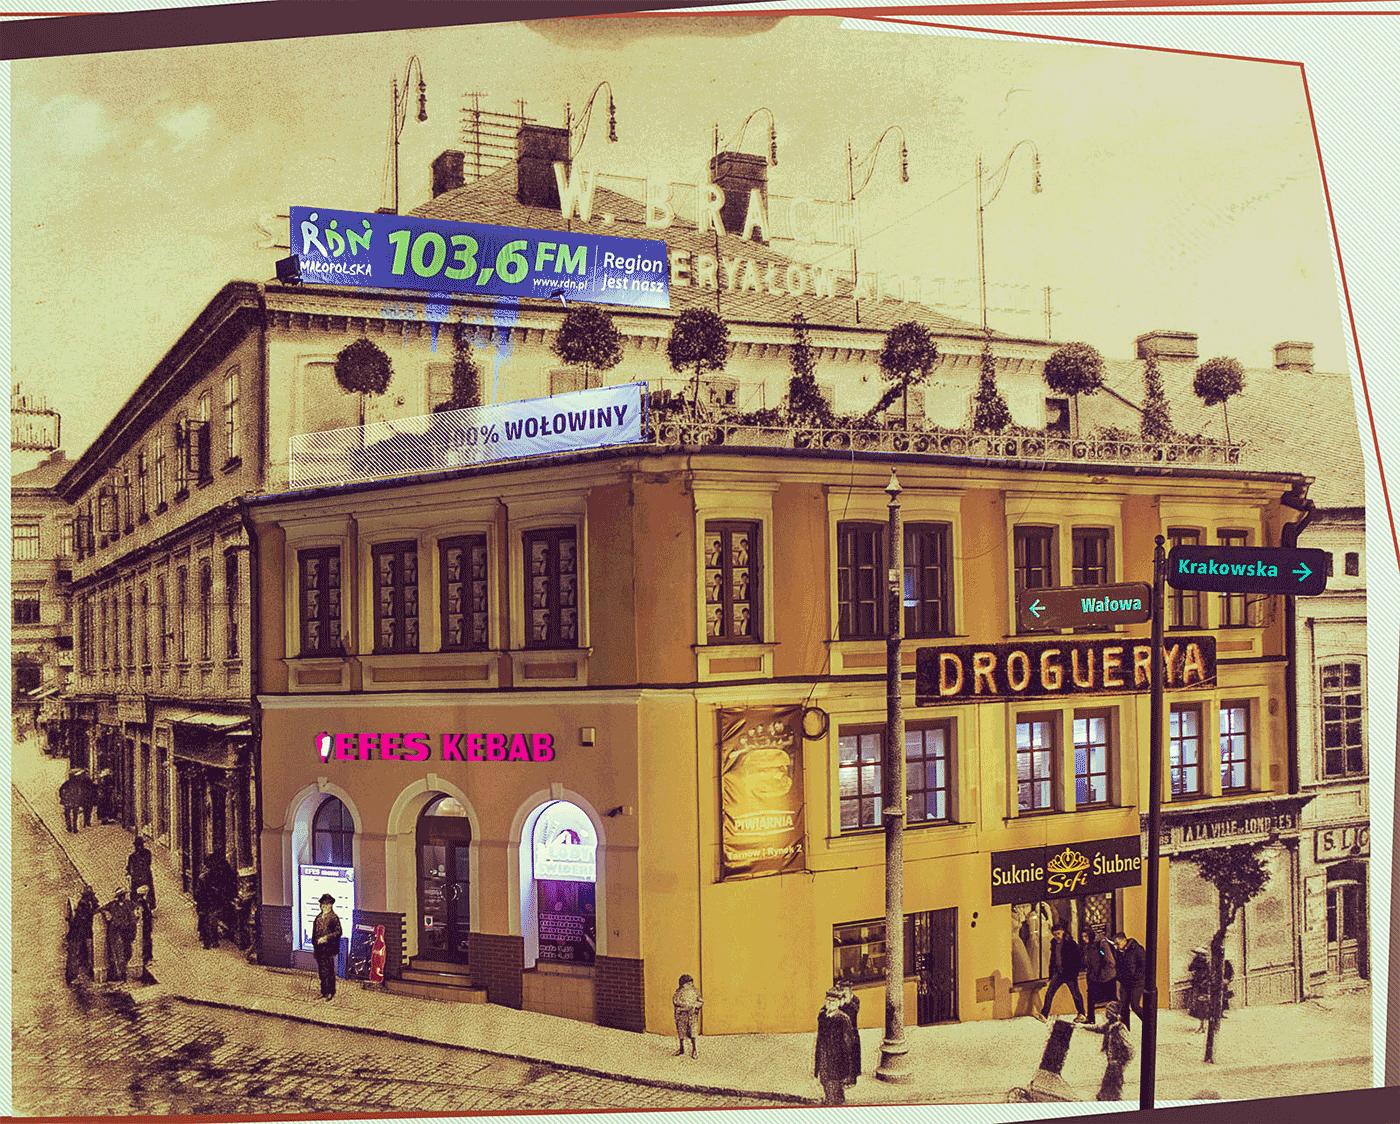 Tarnów kocham kocham tarnow TCK polska poland city old new Exhibition  ttf tarnowskie towarzystwo fotograficzne